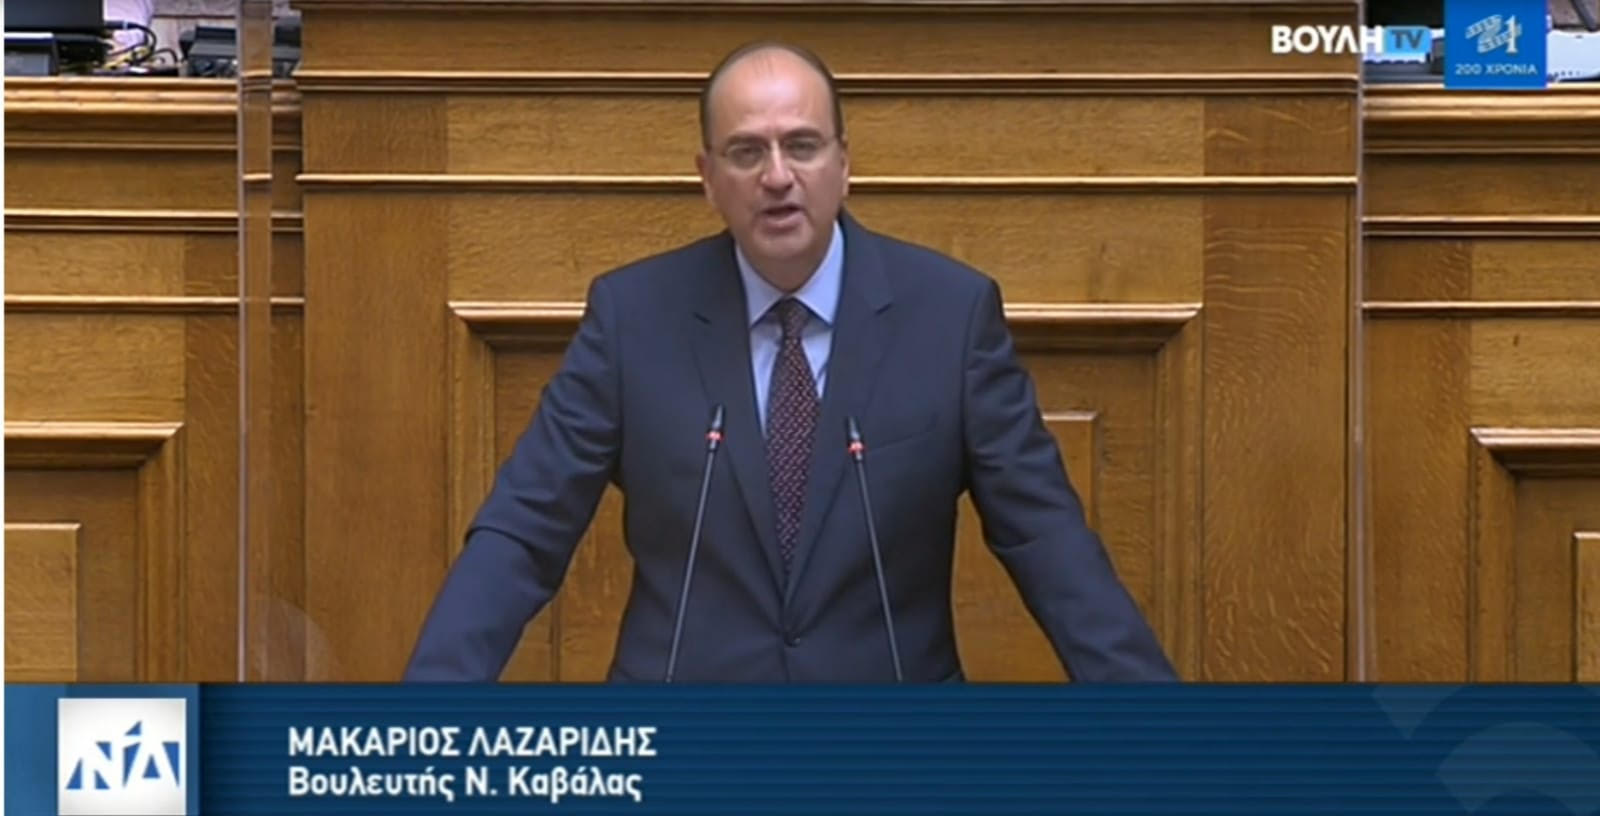 Μακάριος Λαζαρίδης: Η συμφωνία Ελλάδας – Γαλλίας κάνει περήφανο κάθε Έλληνα